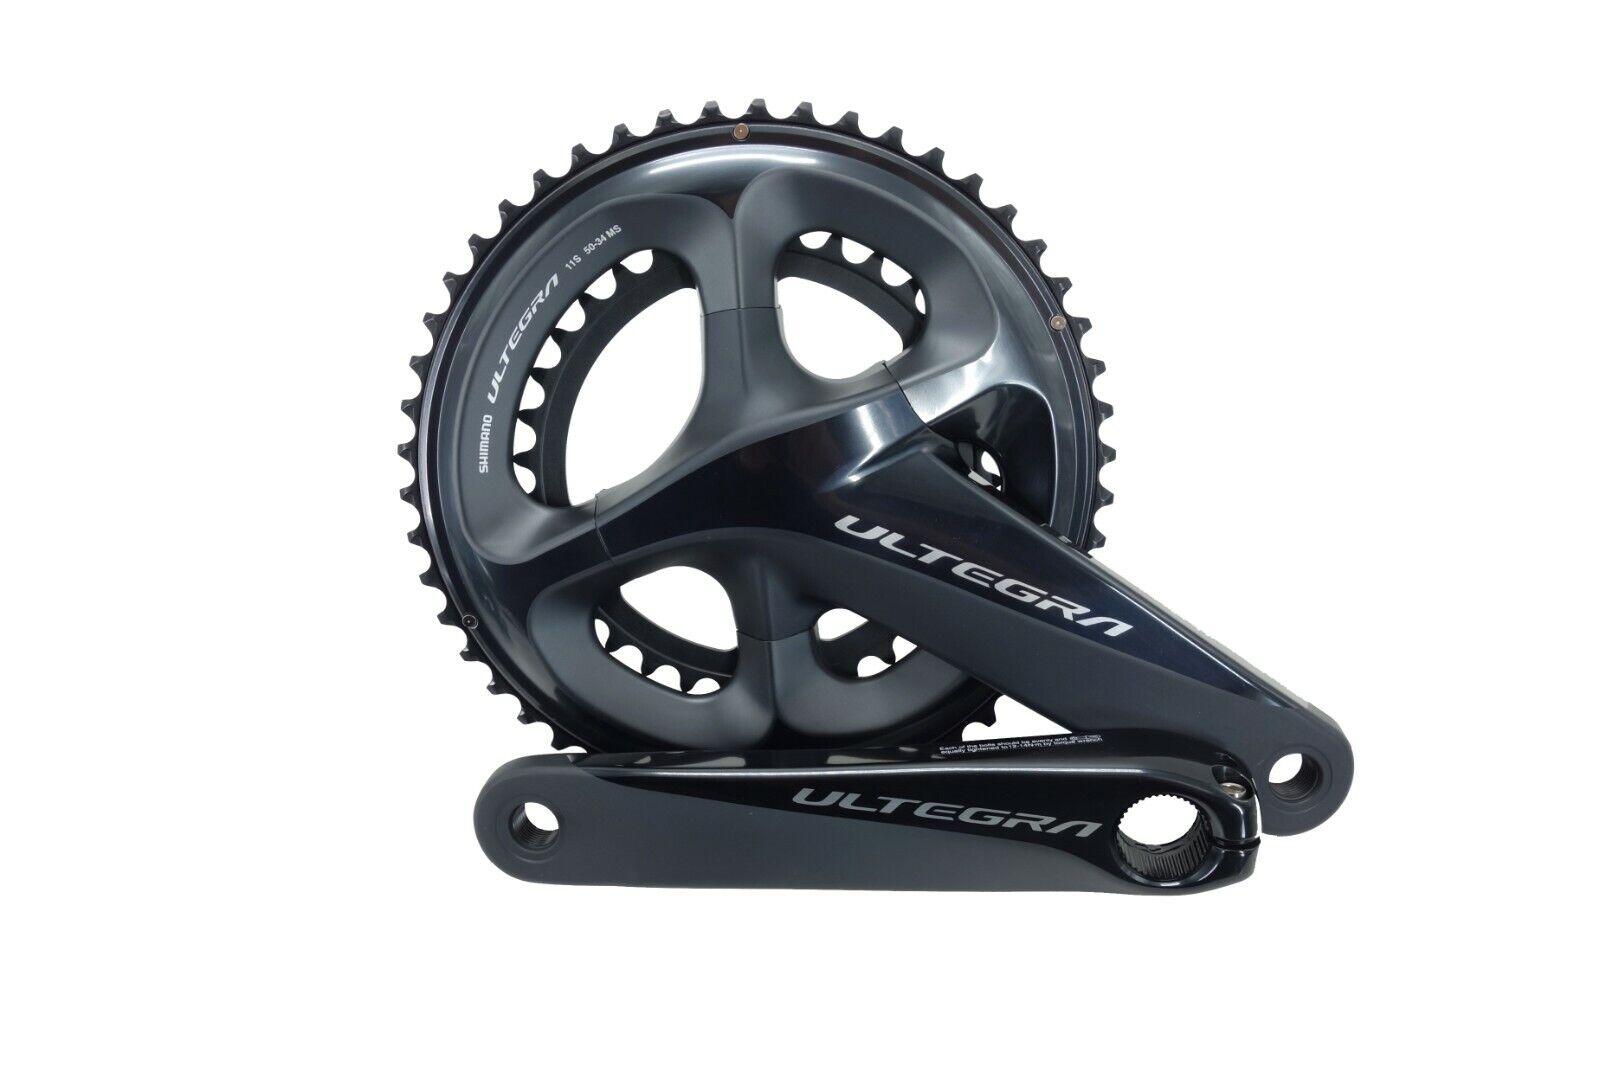 Shimano Ultegra 2x11-speed Road TT Bike Crankset FC-R8000 52//36 175mm